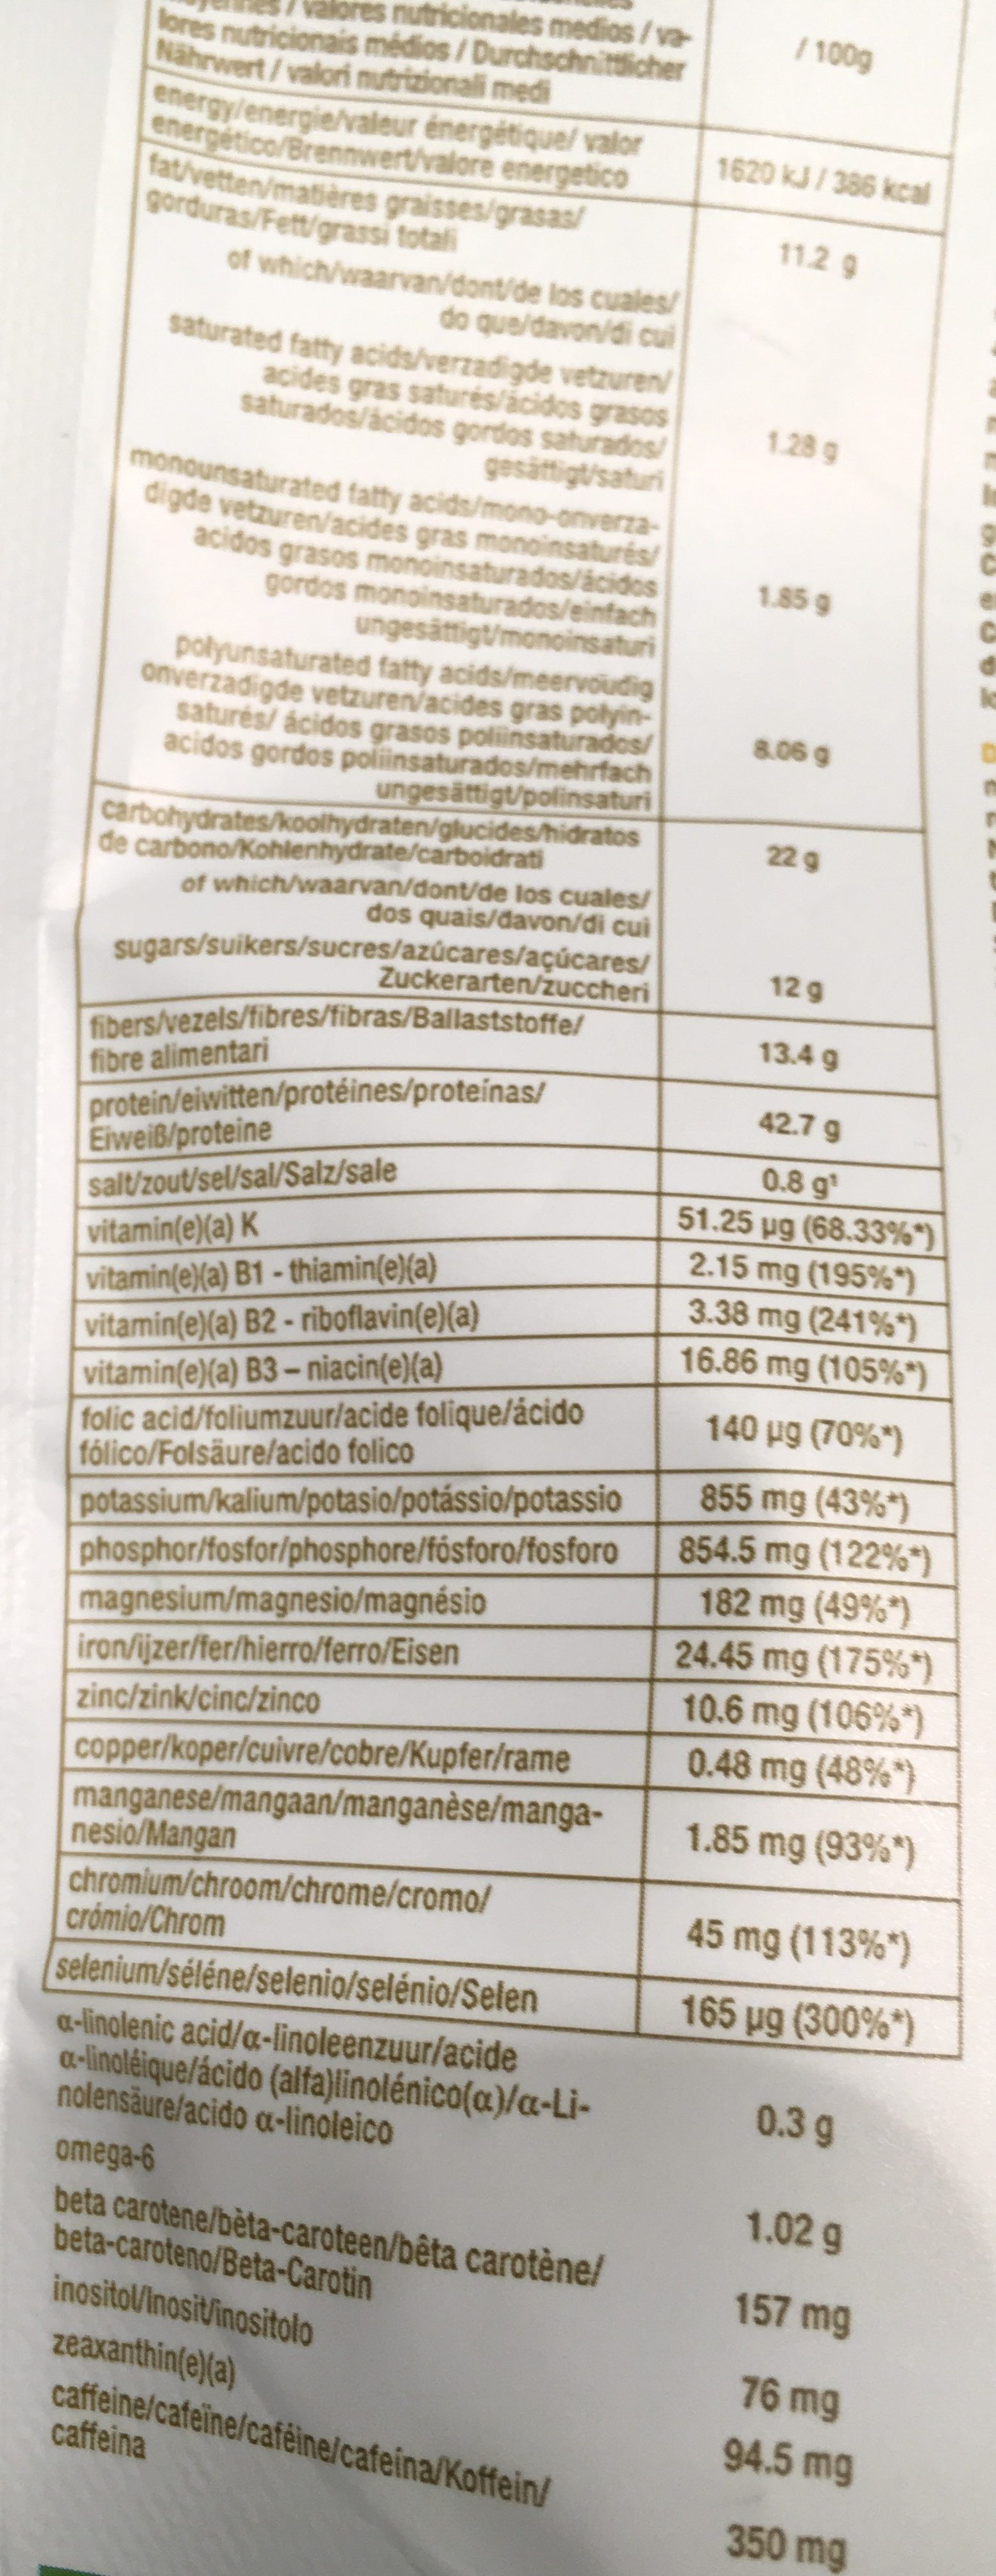 MELANGE MINCEUR SLIMING - Ingredients